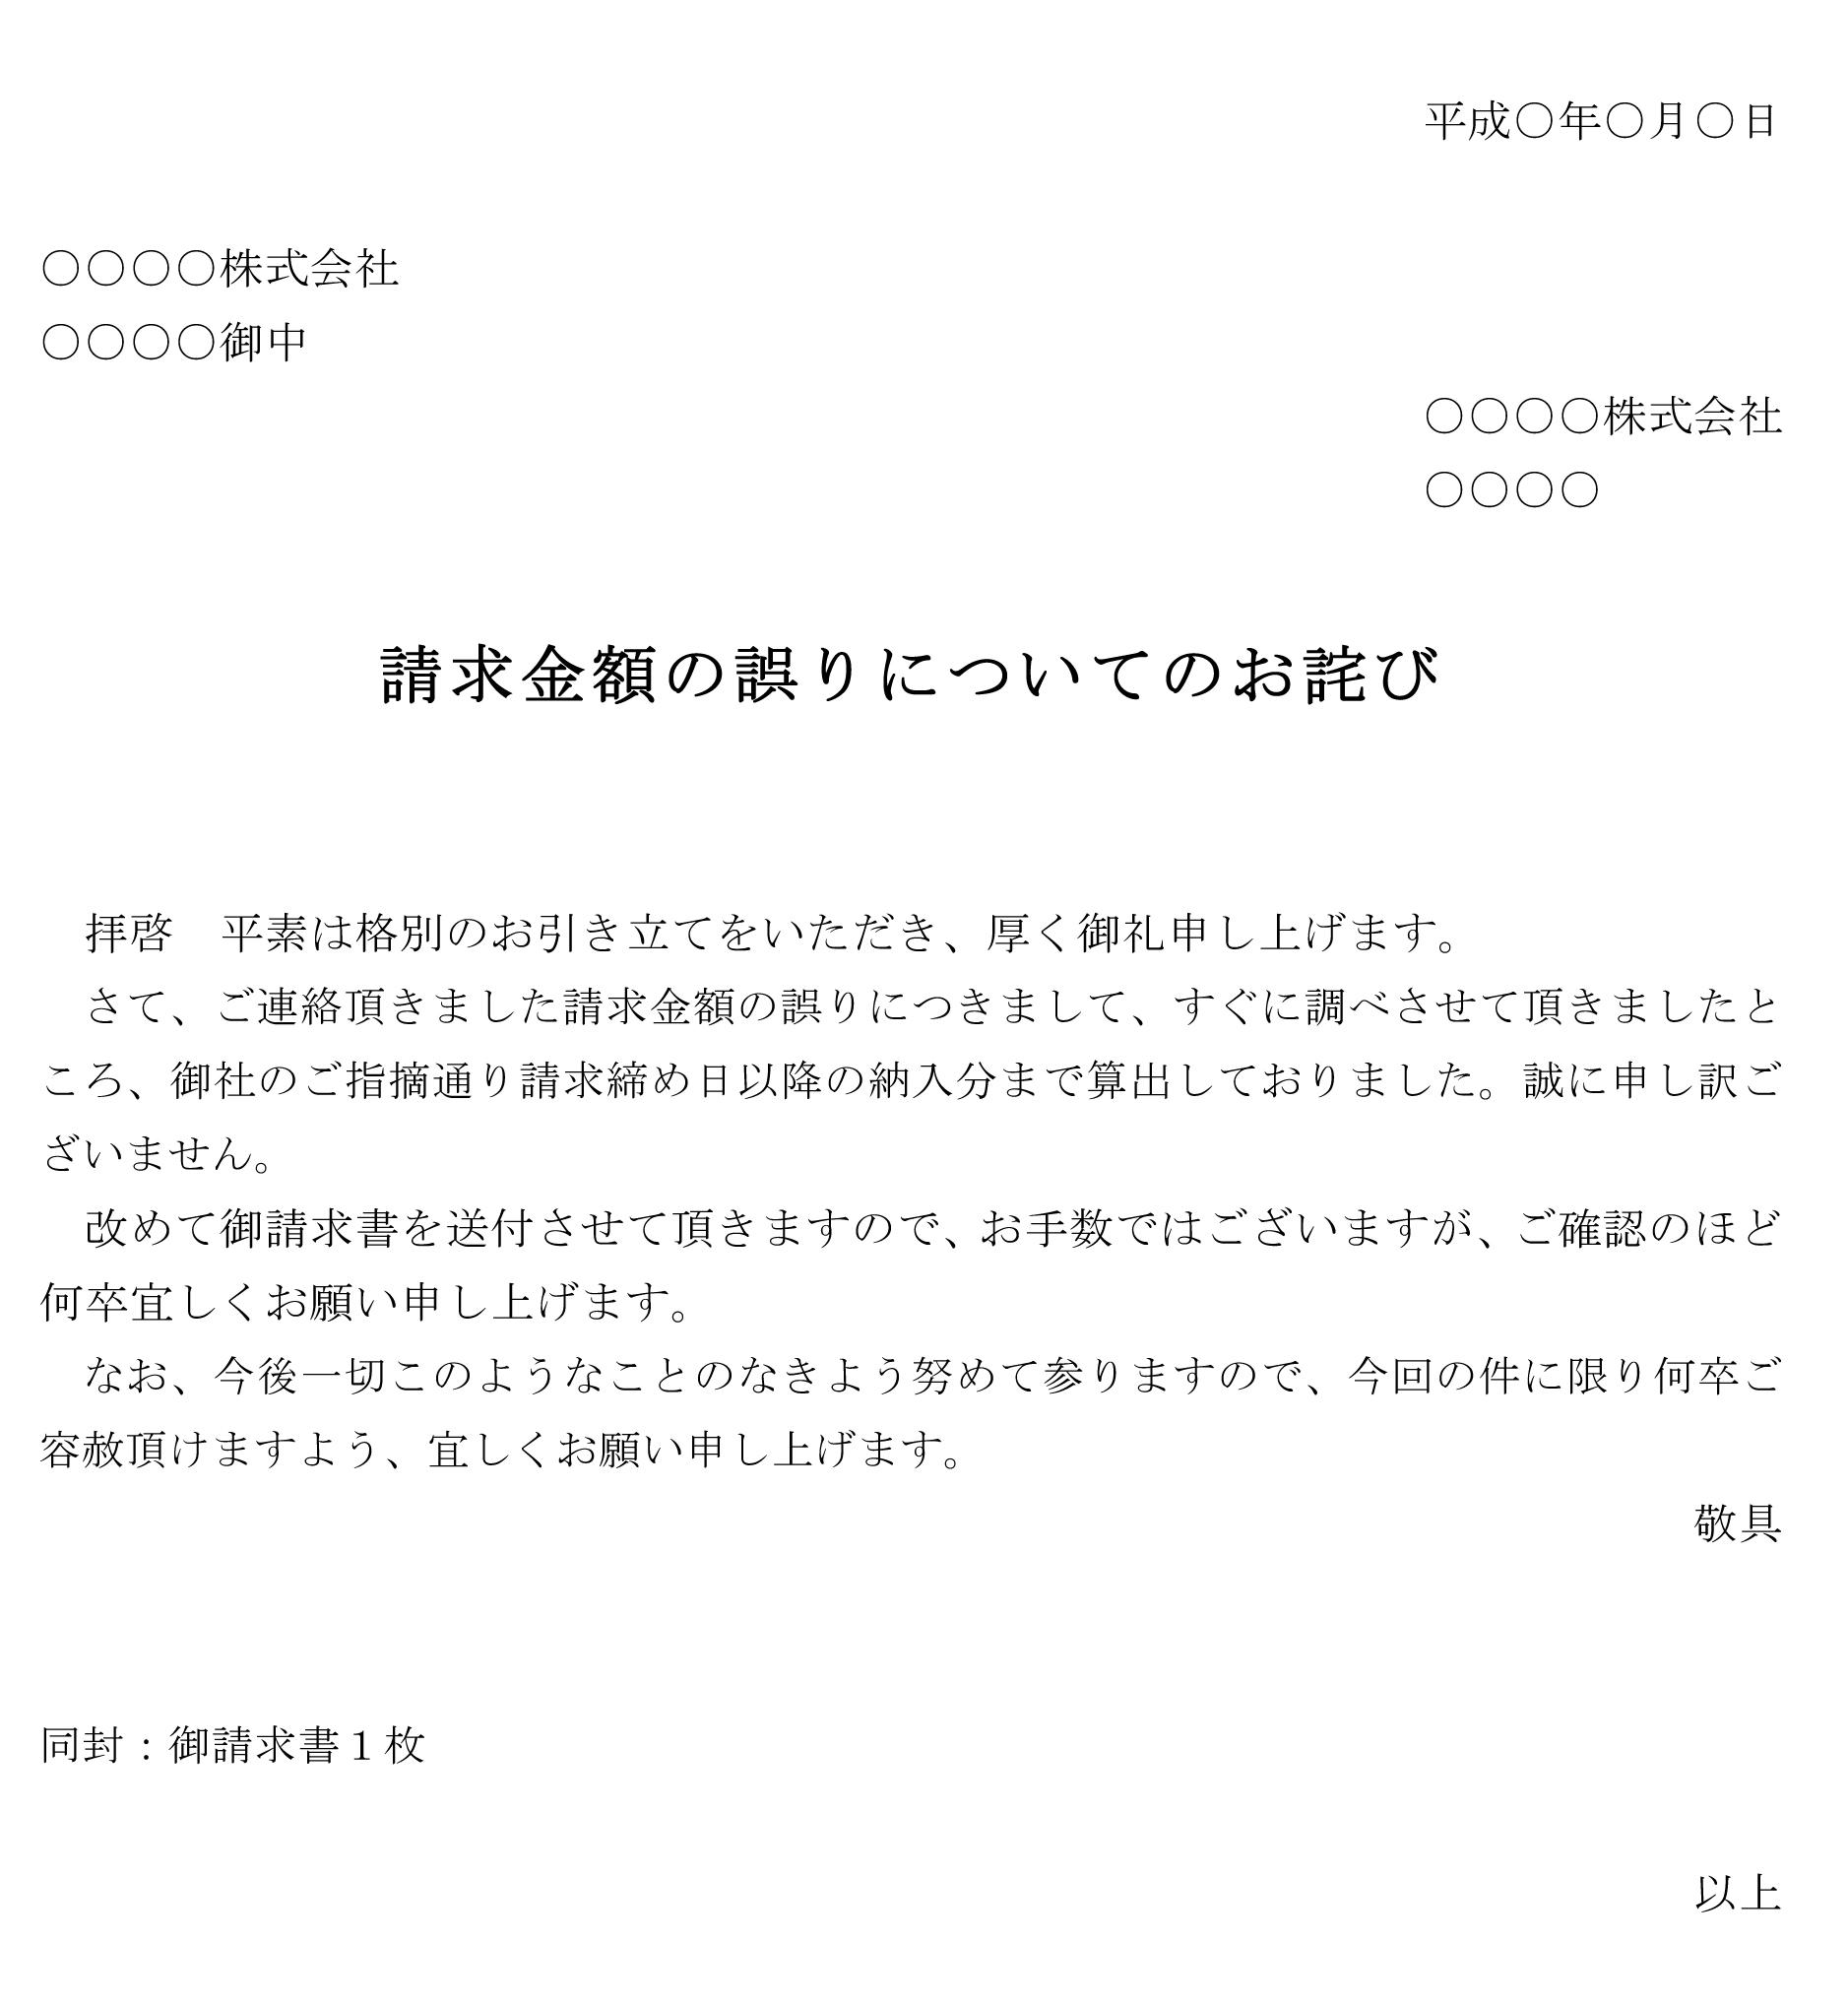 お詫び状(請求金額の誤り)